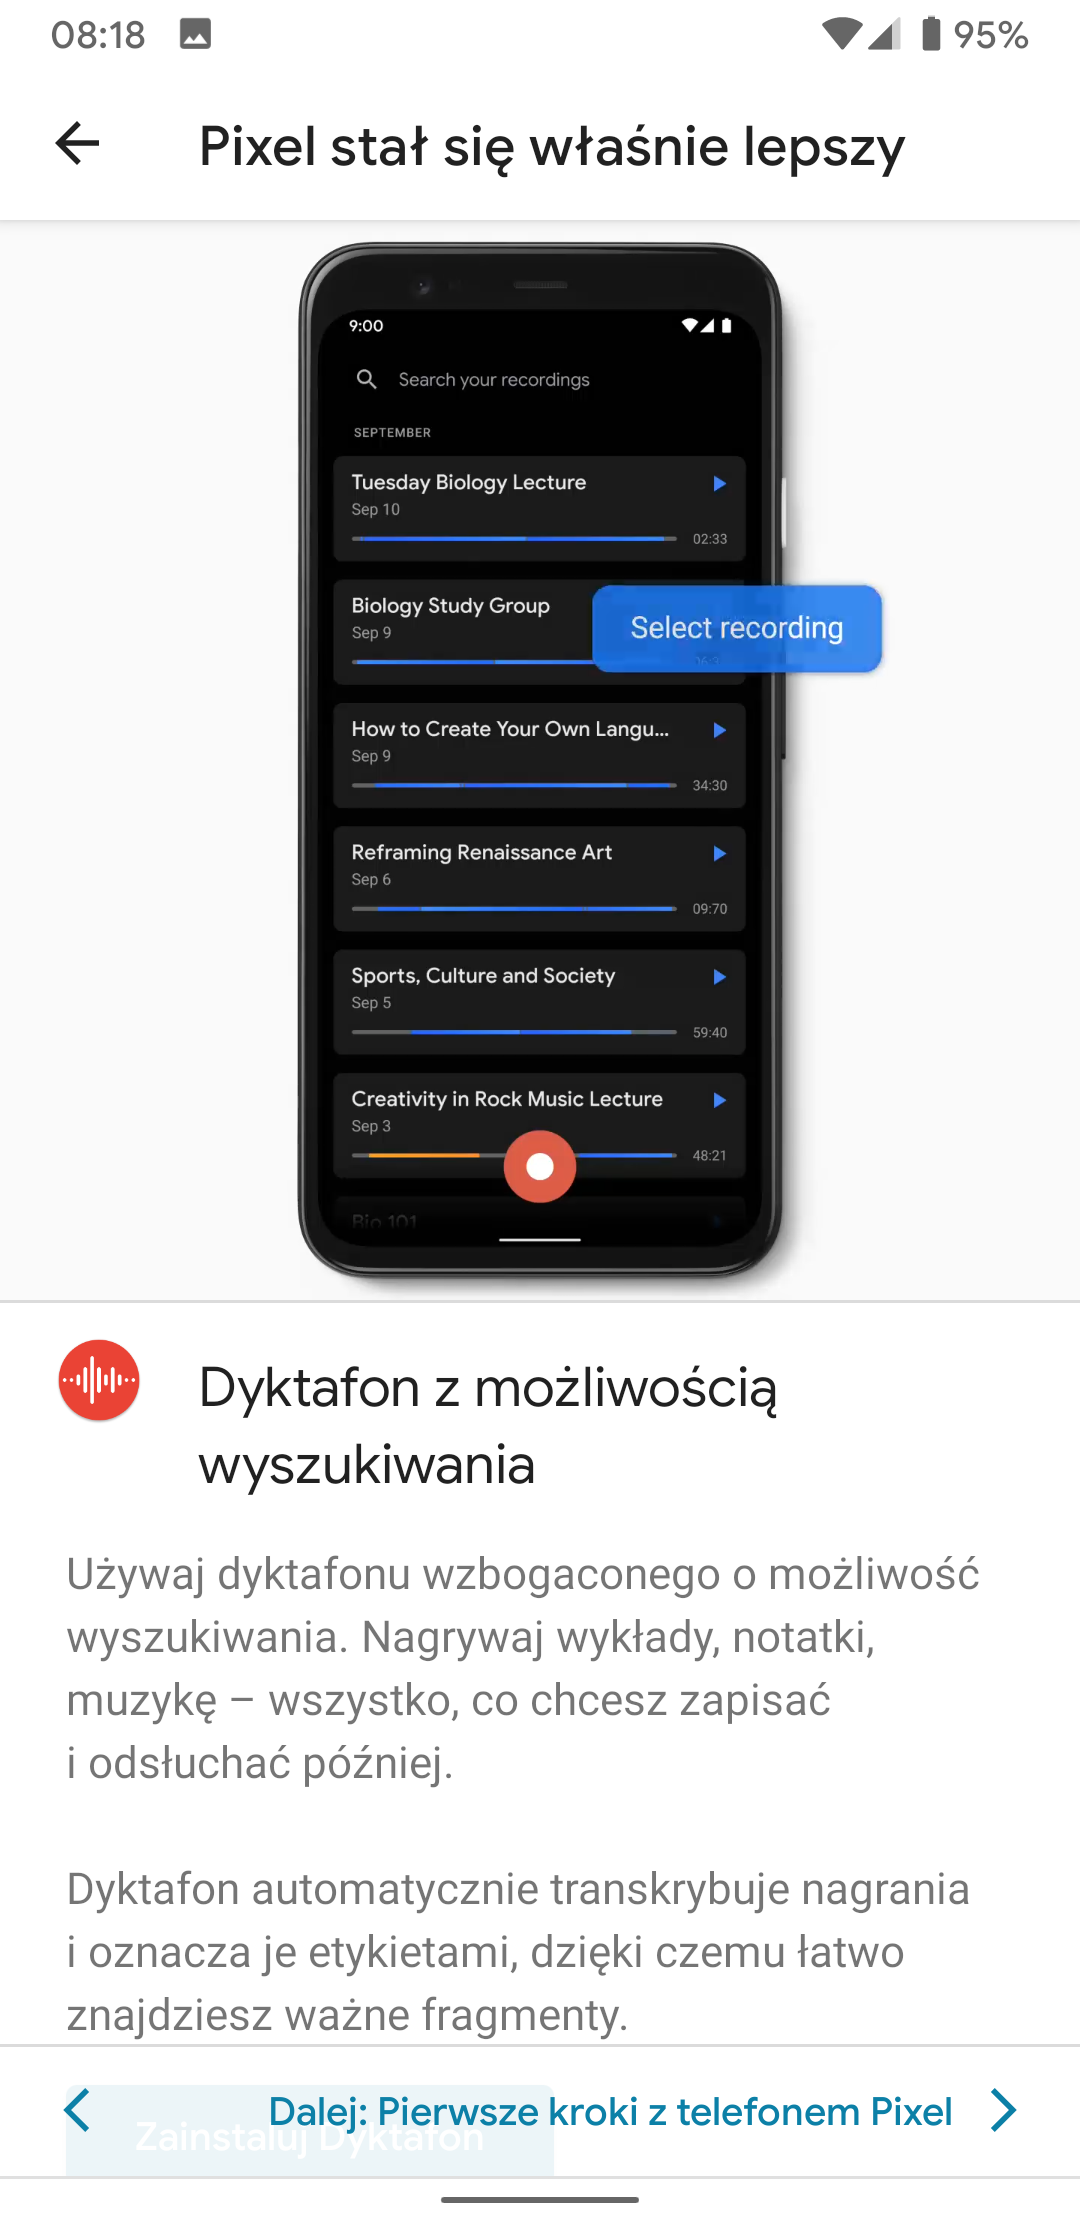 Smartfony Google Pixel dostają nowe funkcje: rozmywanie tła w zdjęciach z galerii oraz dyktafon 21